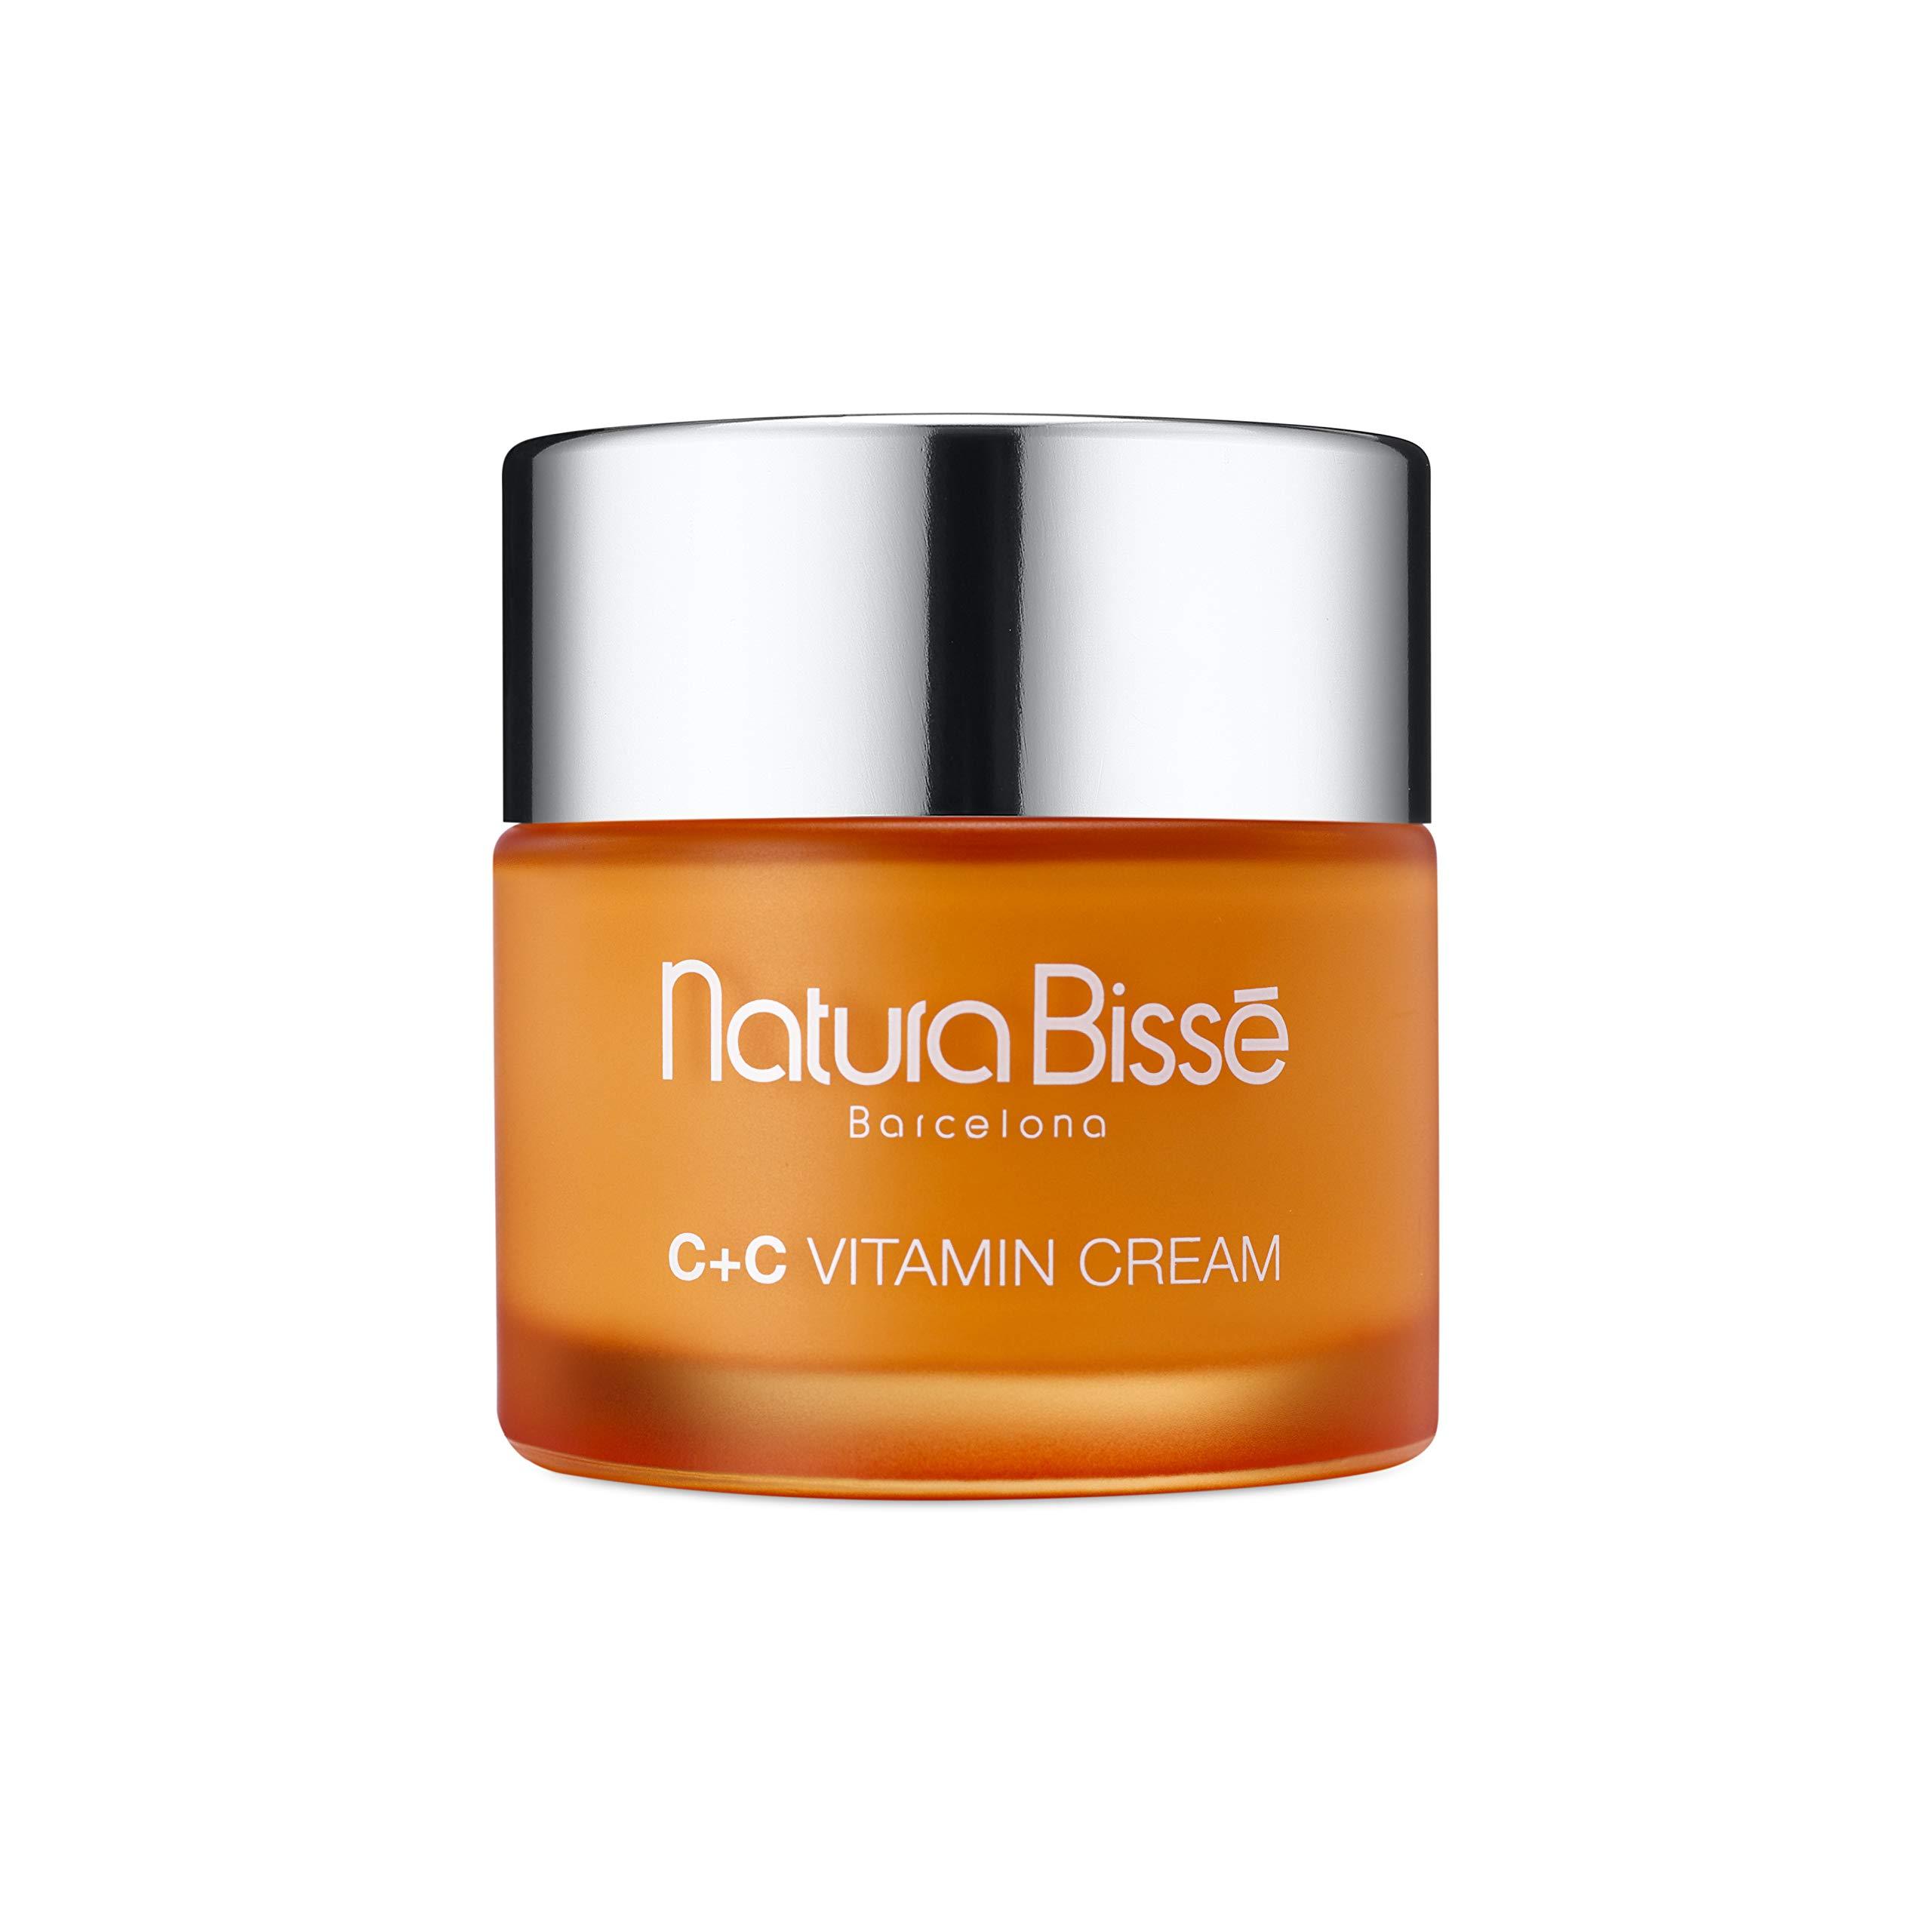 Natura Bisse C+C Vitamin Cream, 2.5 oz